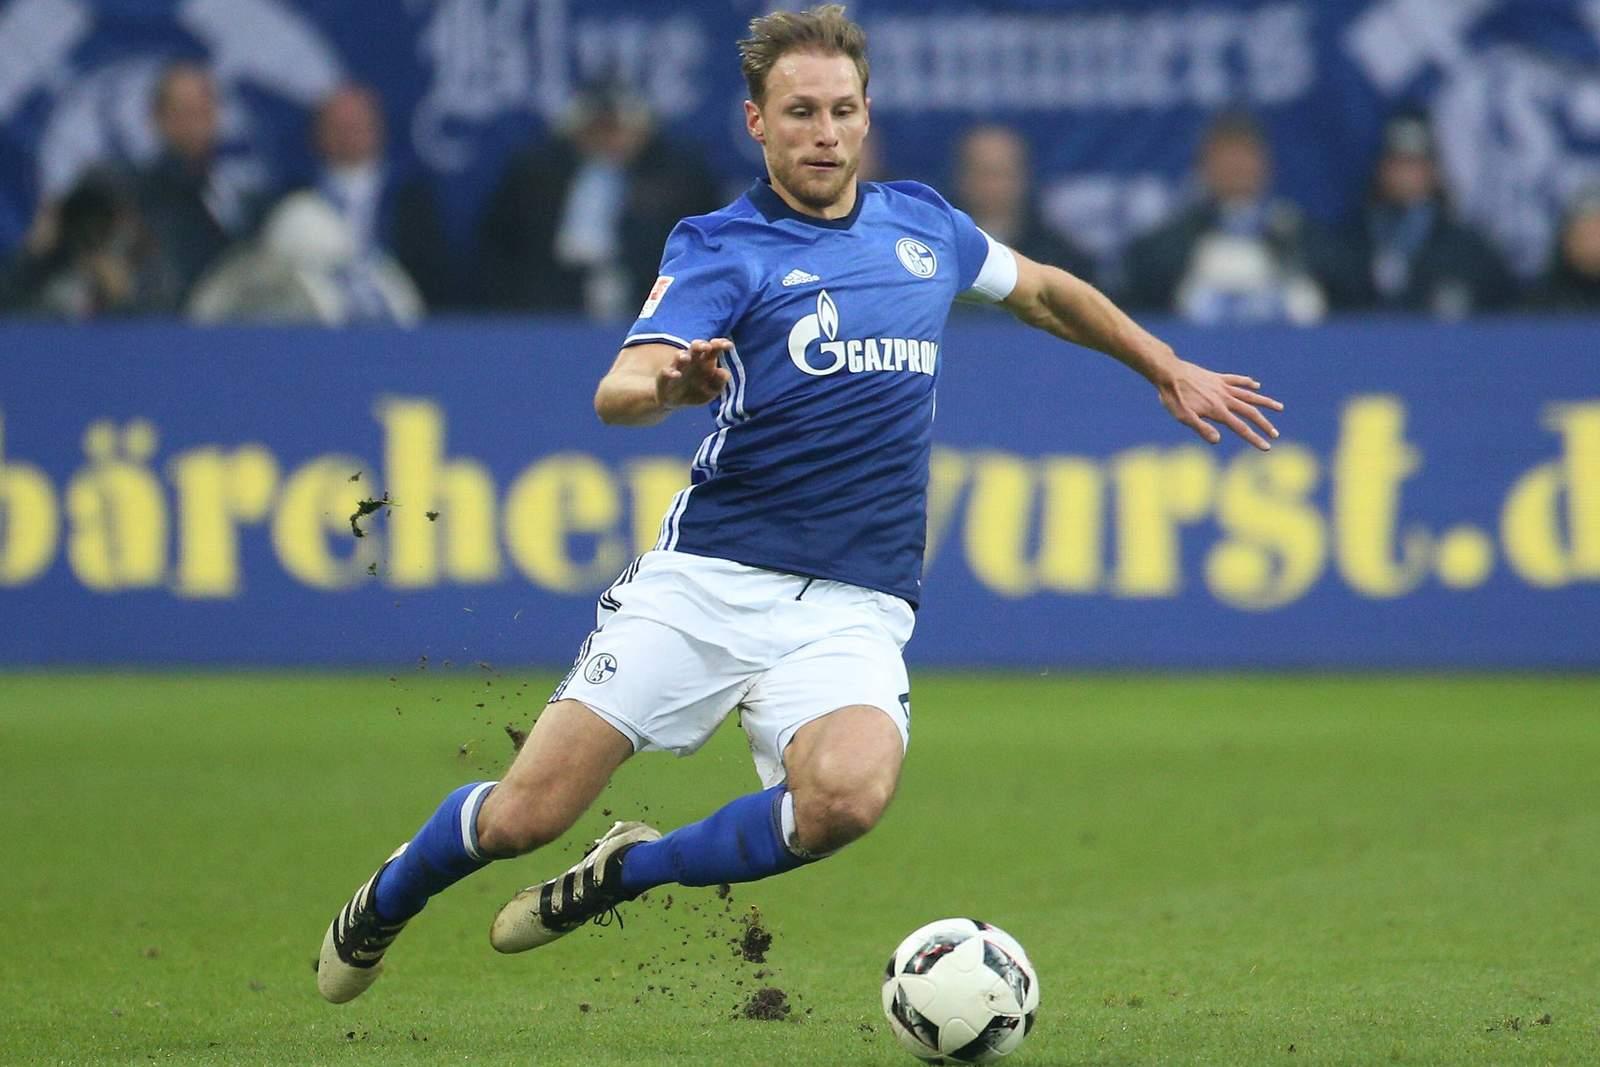 Benedikt Höwedes grätscht. Jetzt auf PAOK Saloniki gegen Schalke wetten!